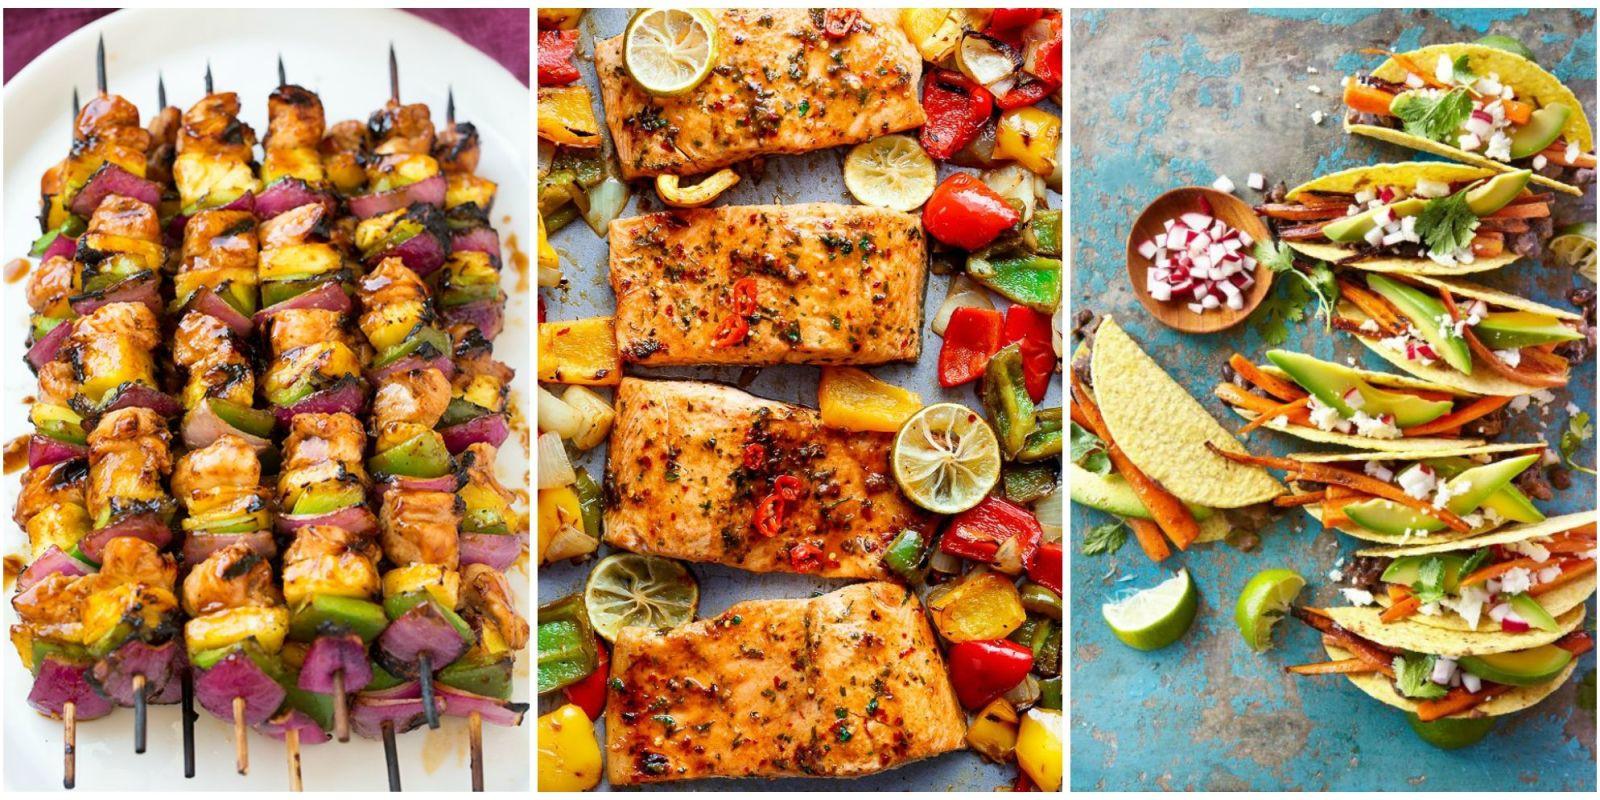 Summertime Dinner Ideas  14 Easy Summer Dinner Ideas Best Recipes for Summer Dinners